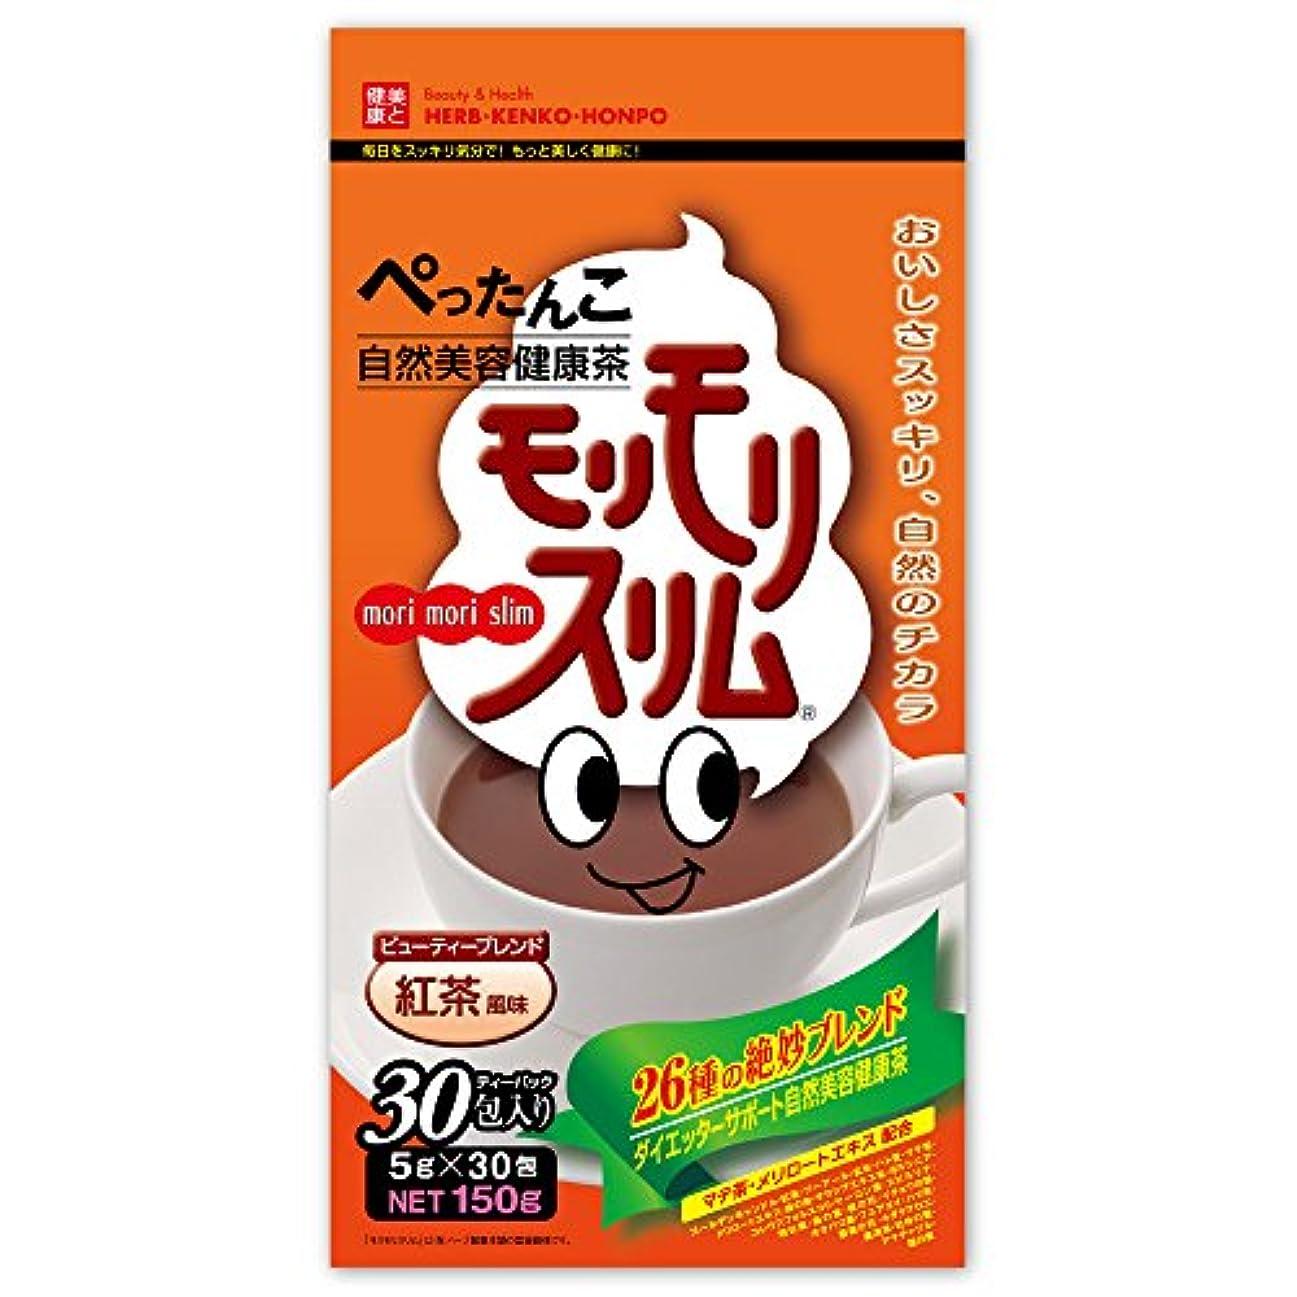 分解する扇動判決ハーブ健康本舗 モリモリスリム(紅茶風味) (30包)